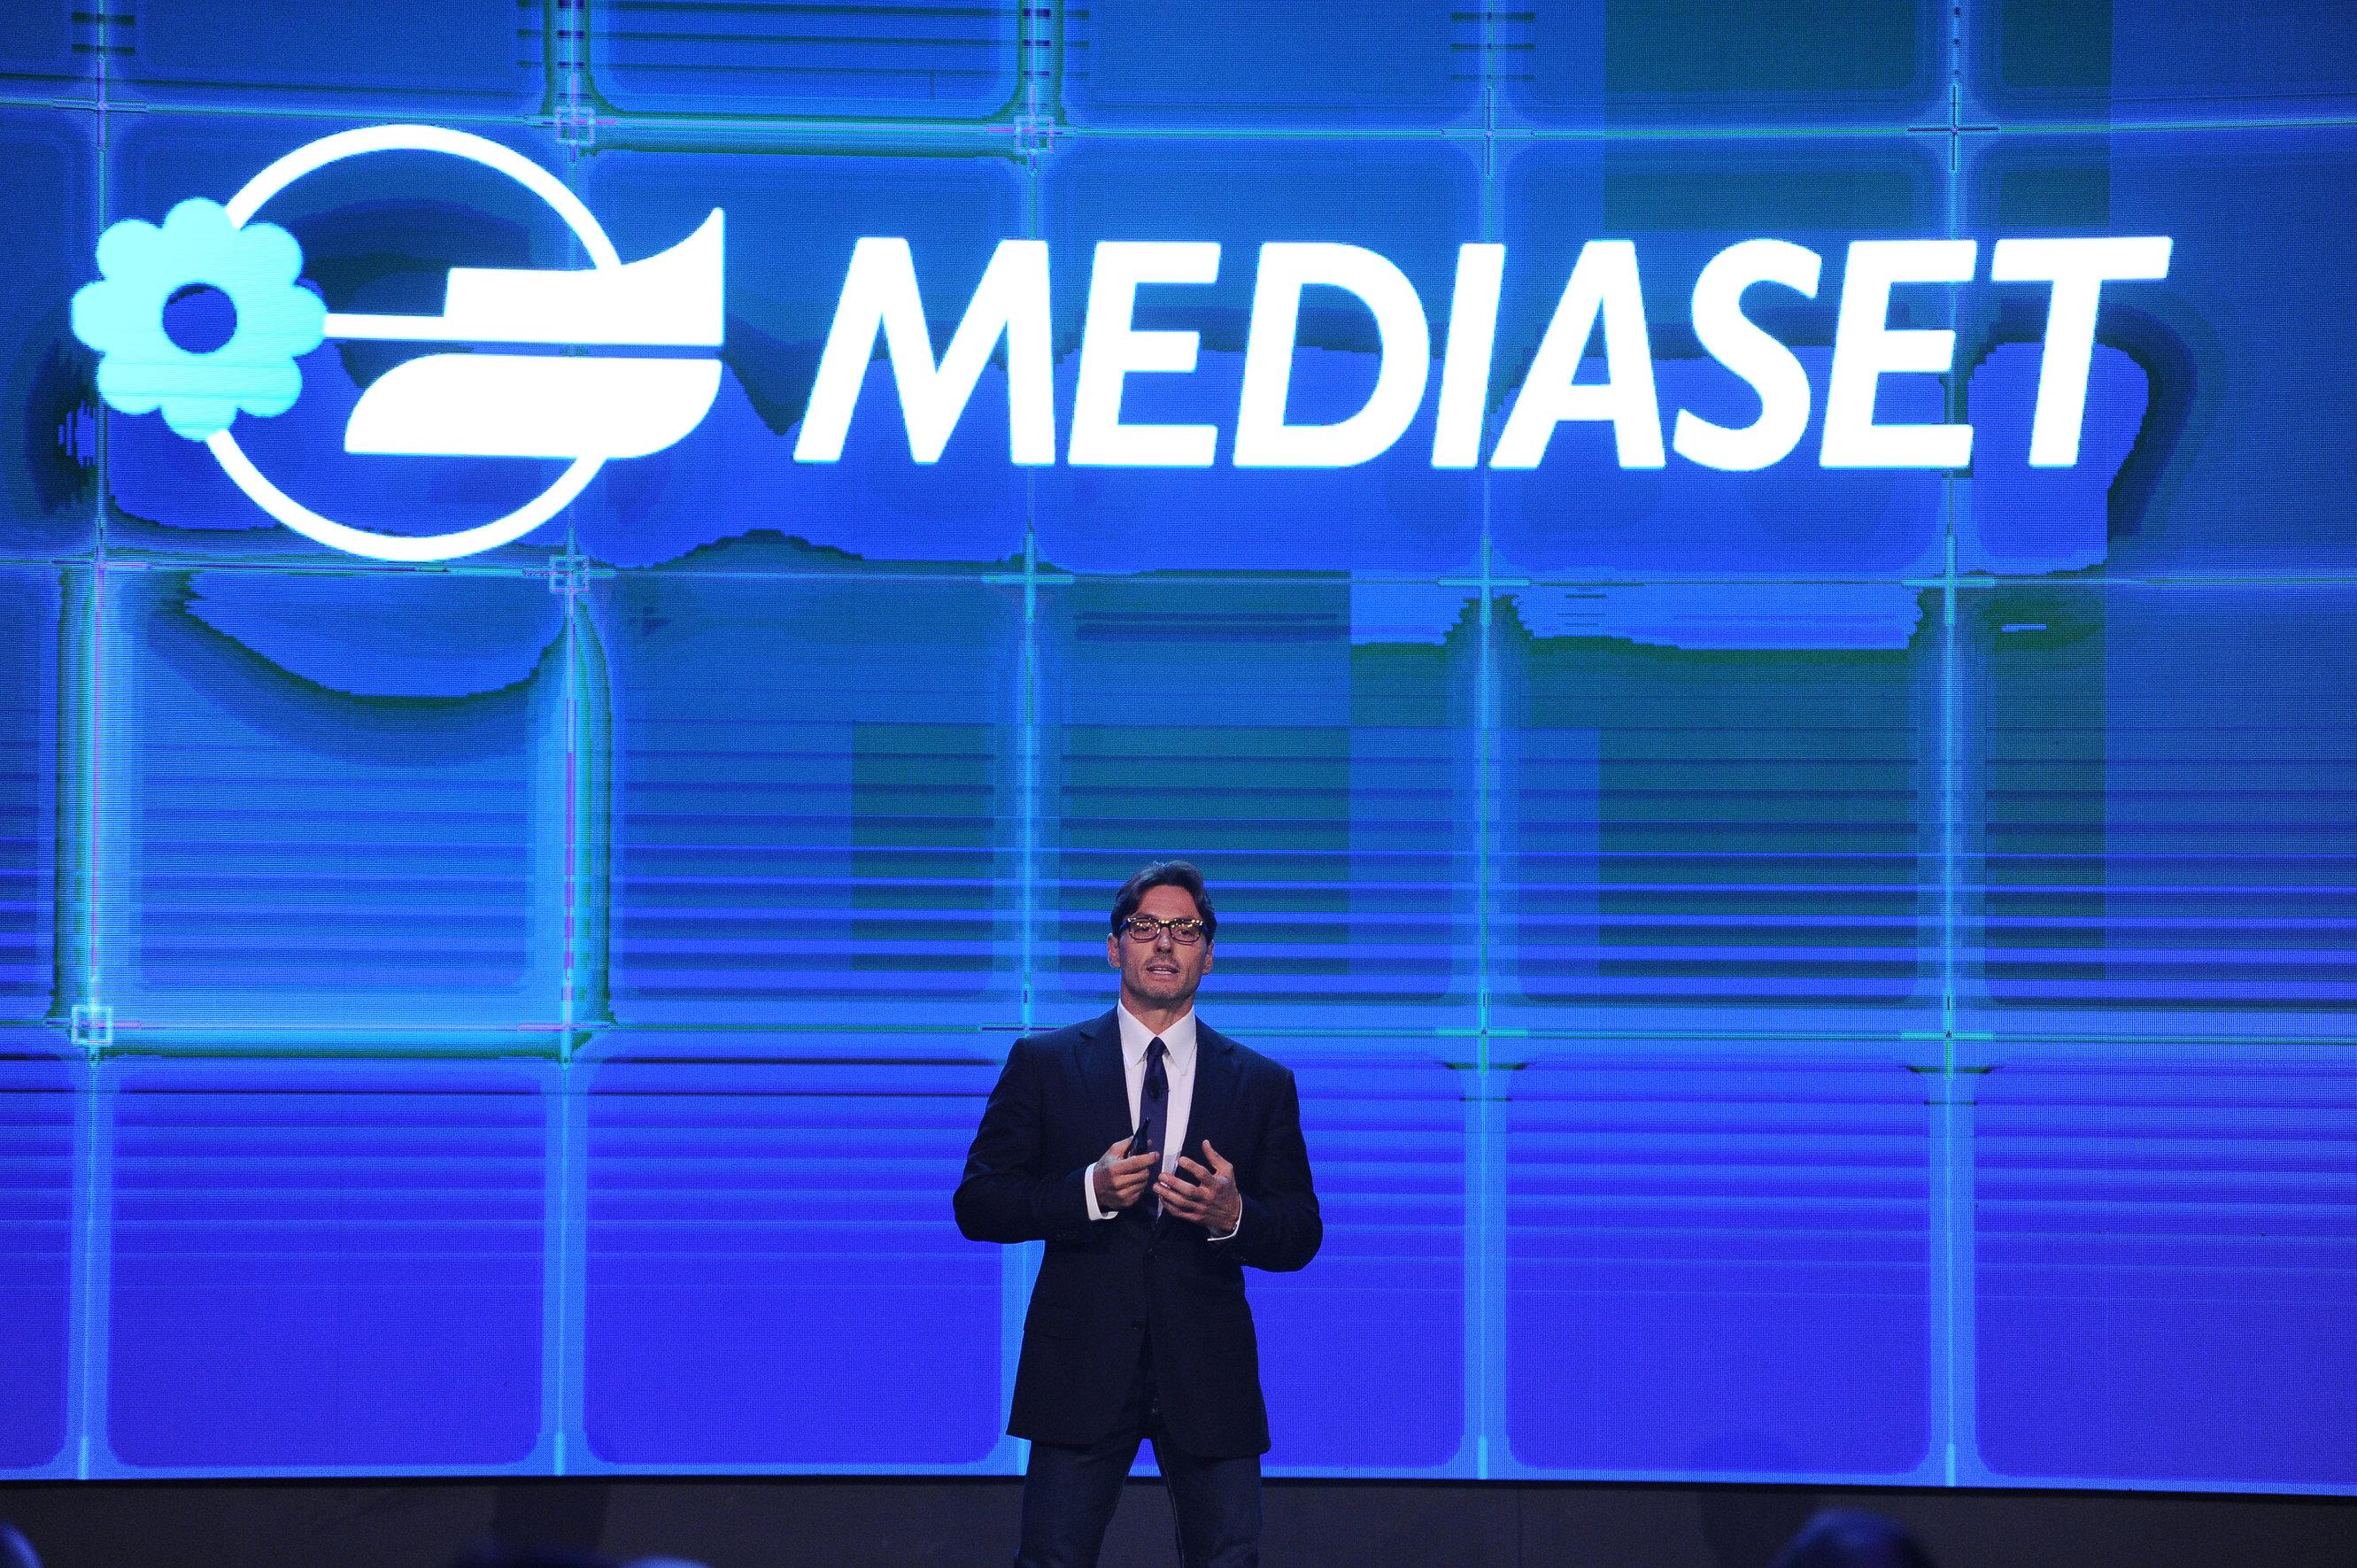 Palinsesti Mediaset 2015-2016: tutti i programmi della nuova stagione del Biscione